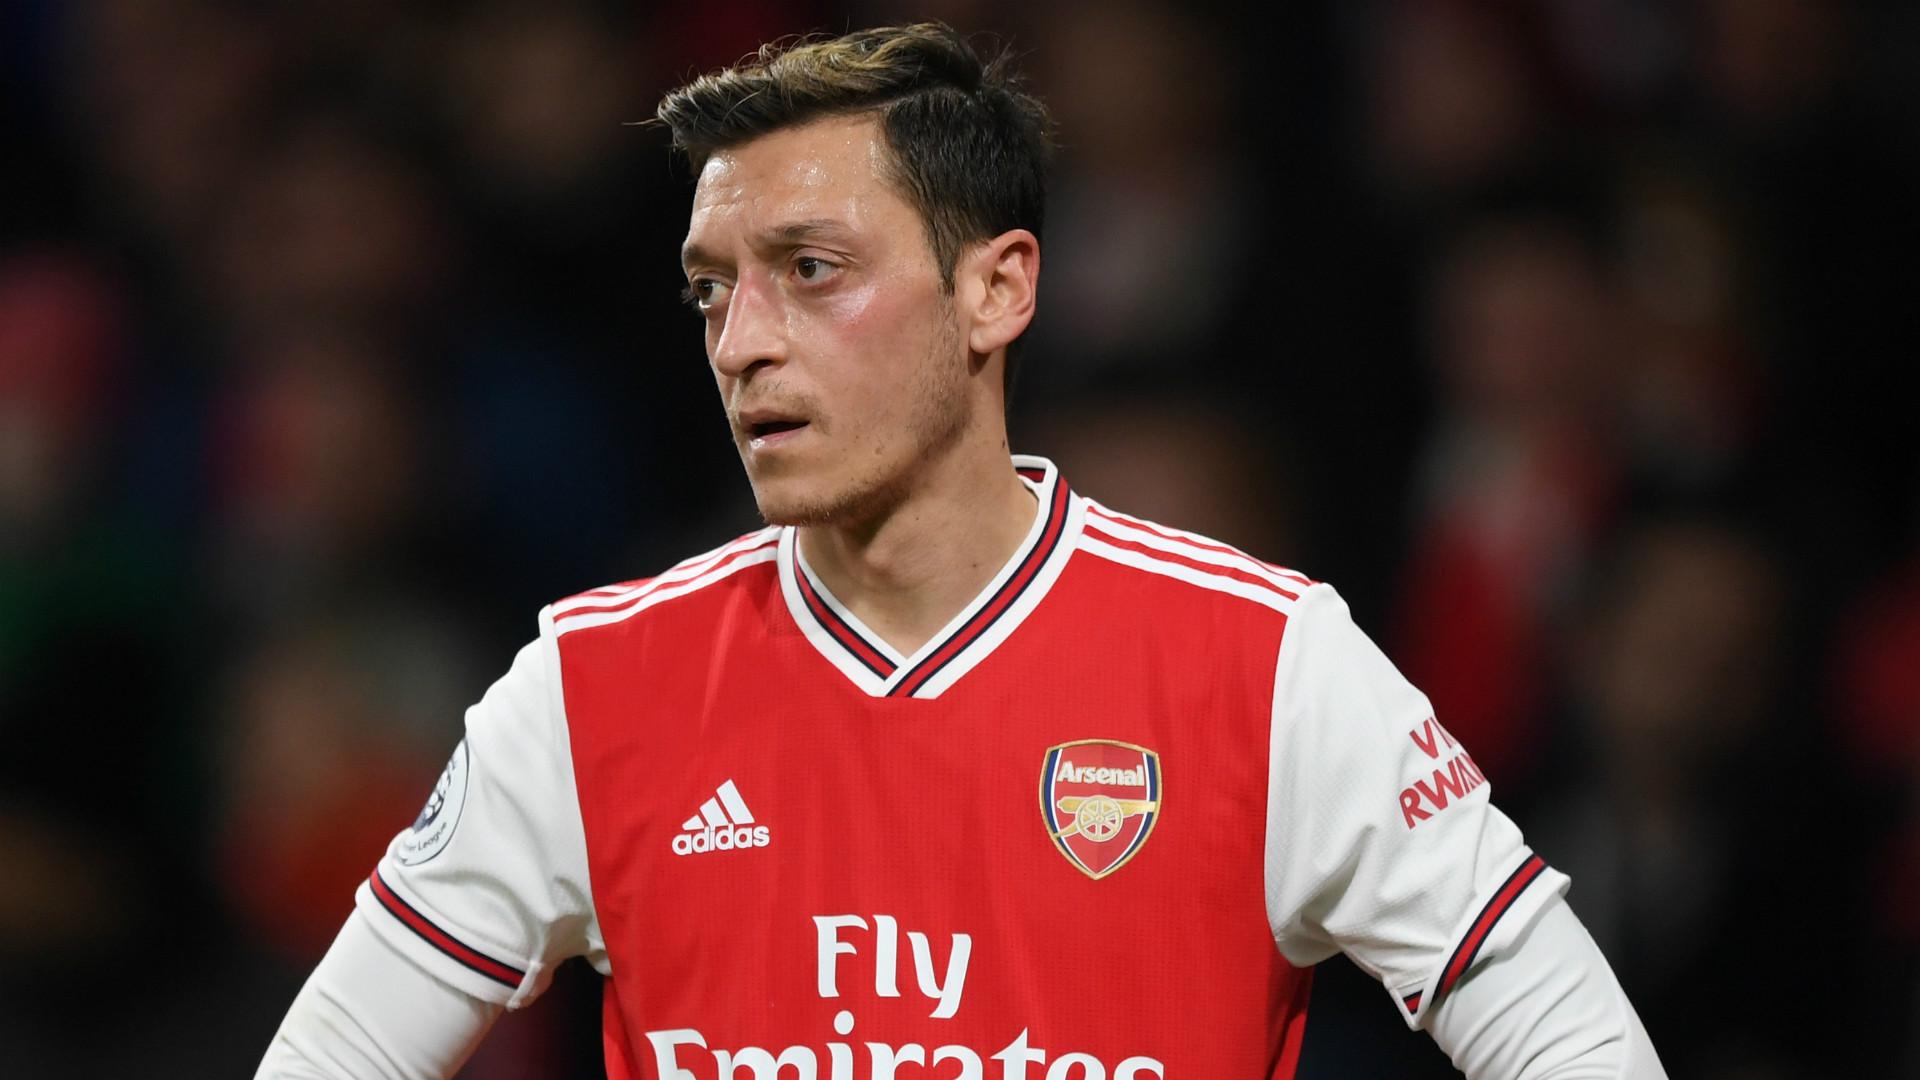 Người đại diện tiết lộ Ozil muốn hoàn thành hợp đồng với Arsenal | Goal.com